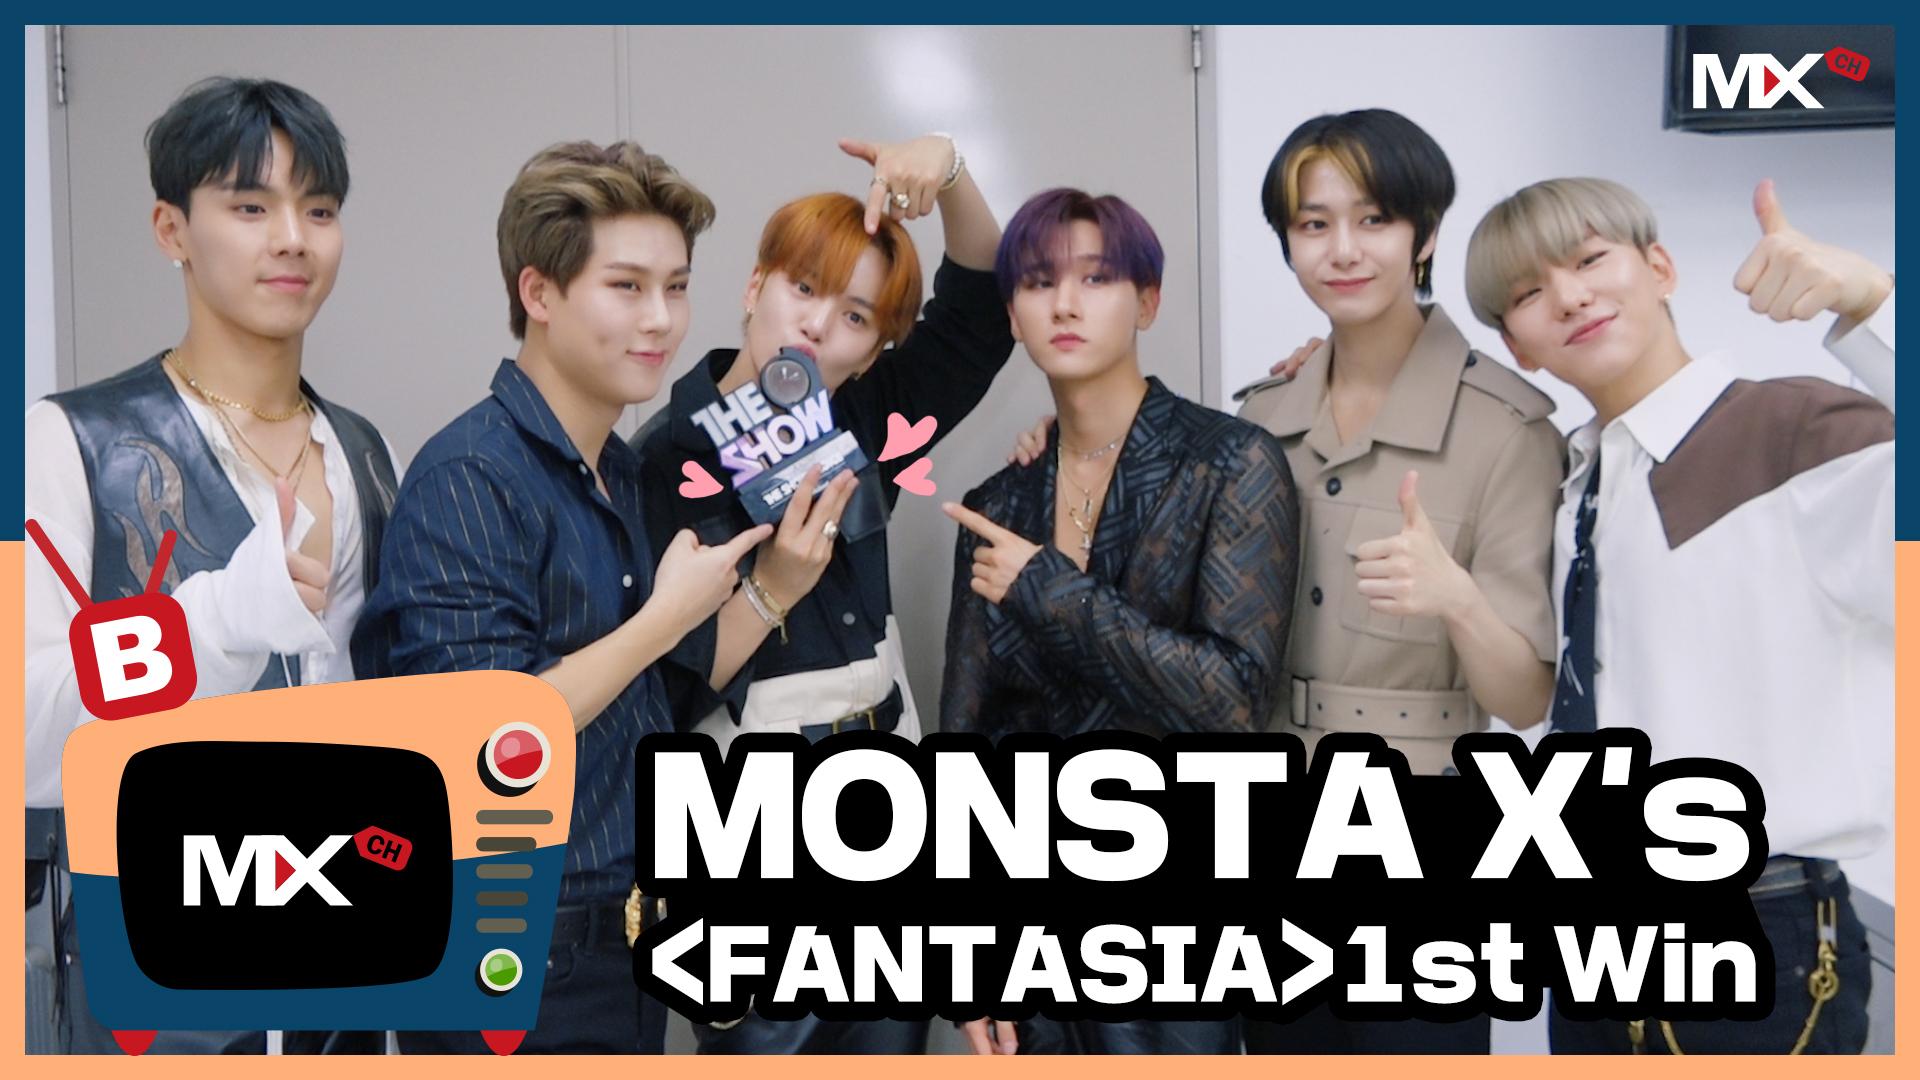 [몬채널][B] EP.175 MONSTA X 'FANTASIA' Win